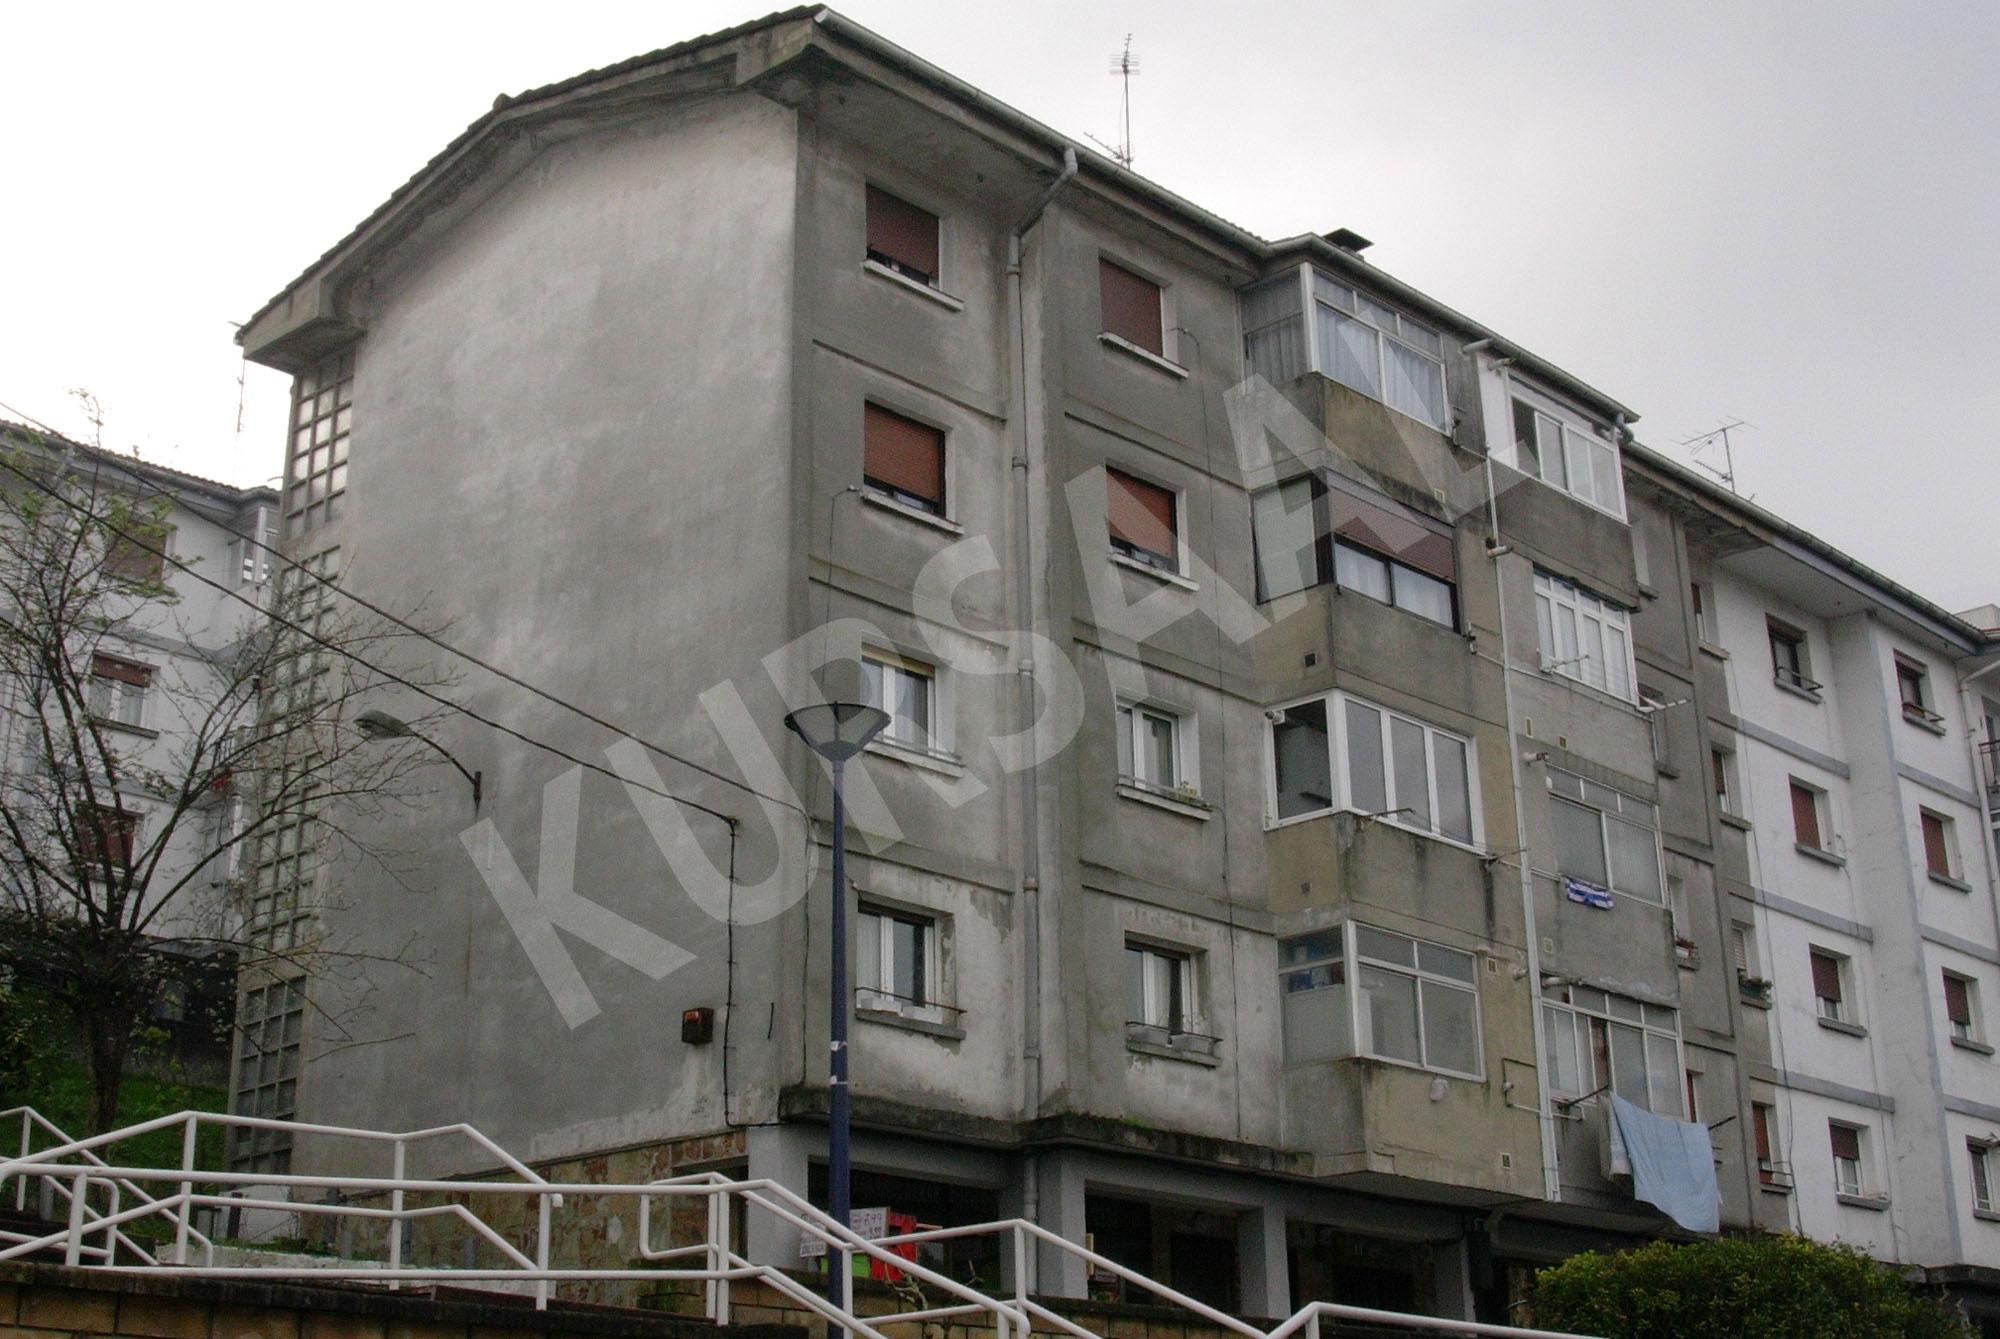 foto 1 - Aislamientos Térmicos y Eficiencia Energética-Urdaburu 5-ERRENTERIA, GIPUZKOA